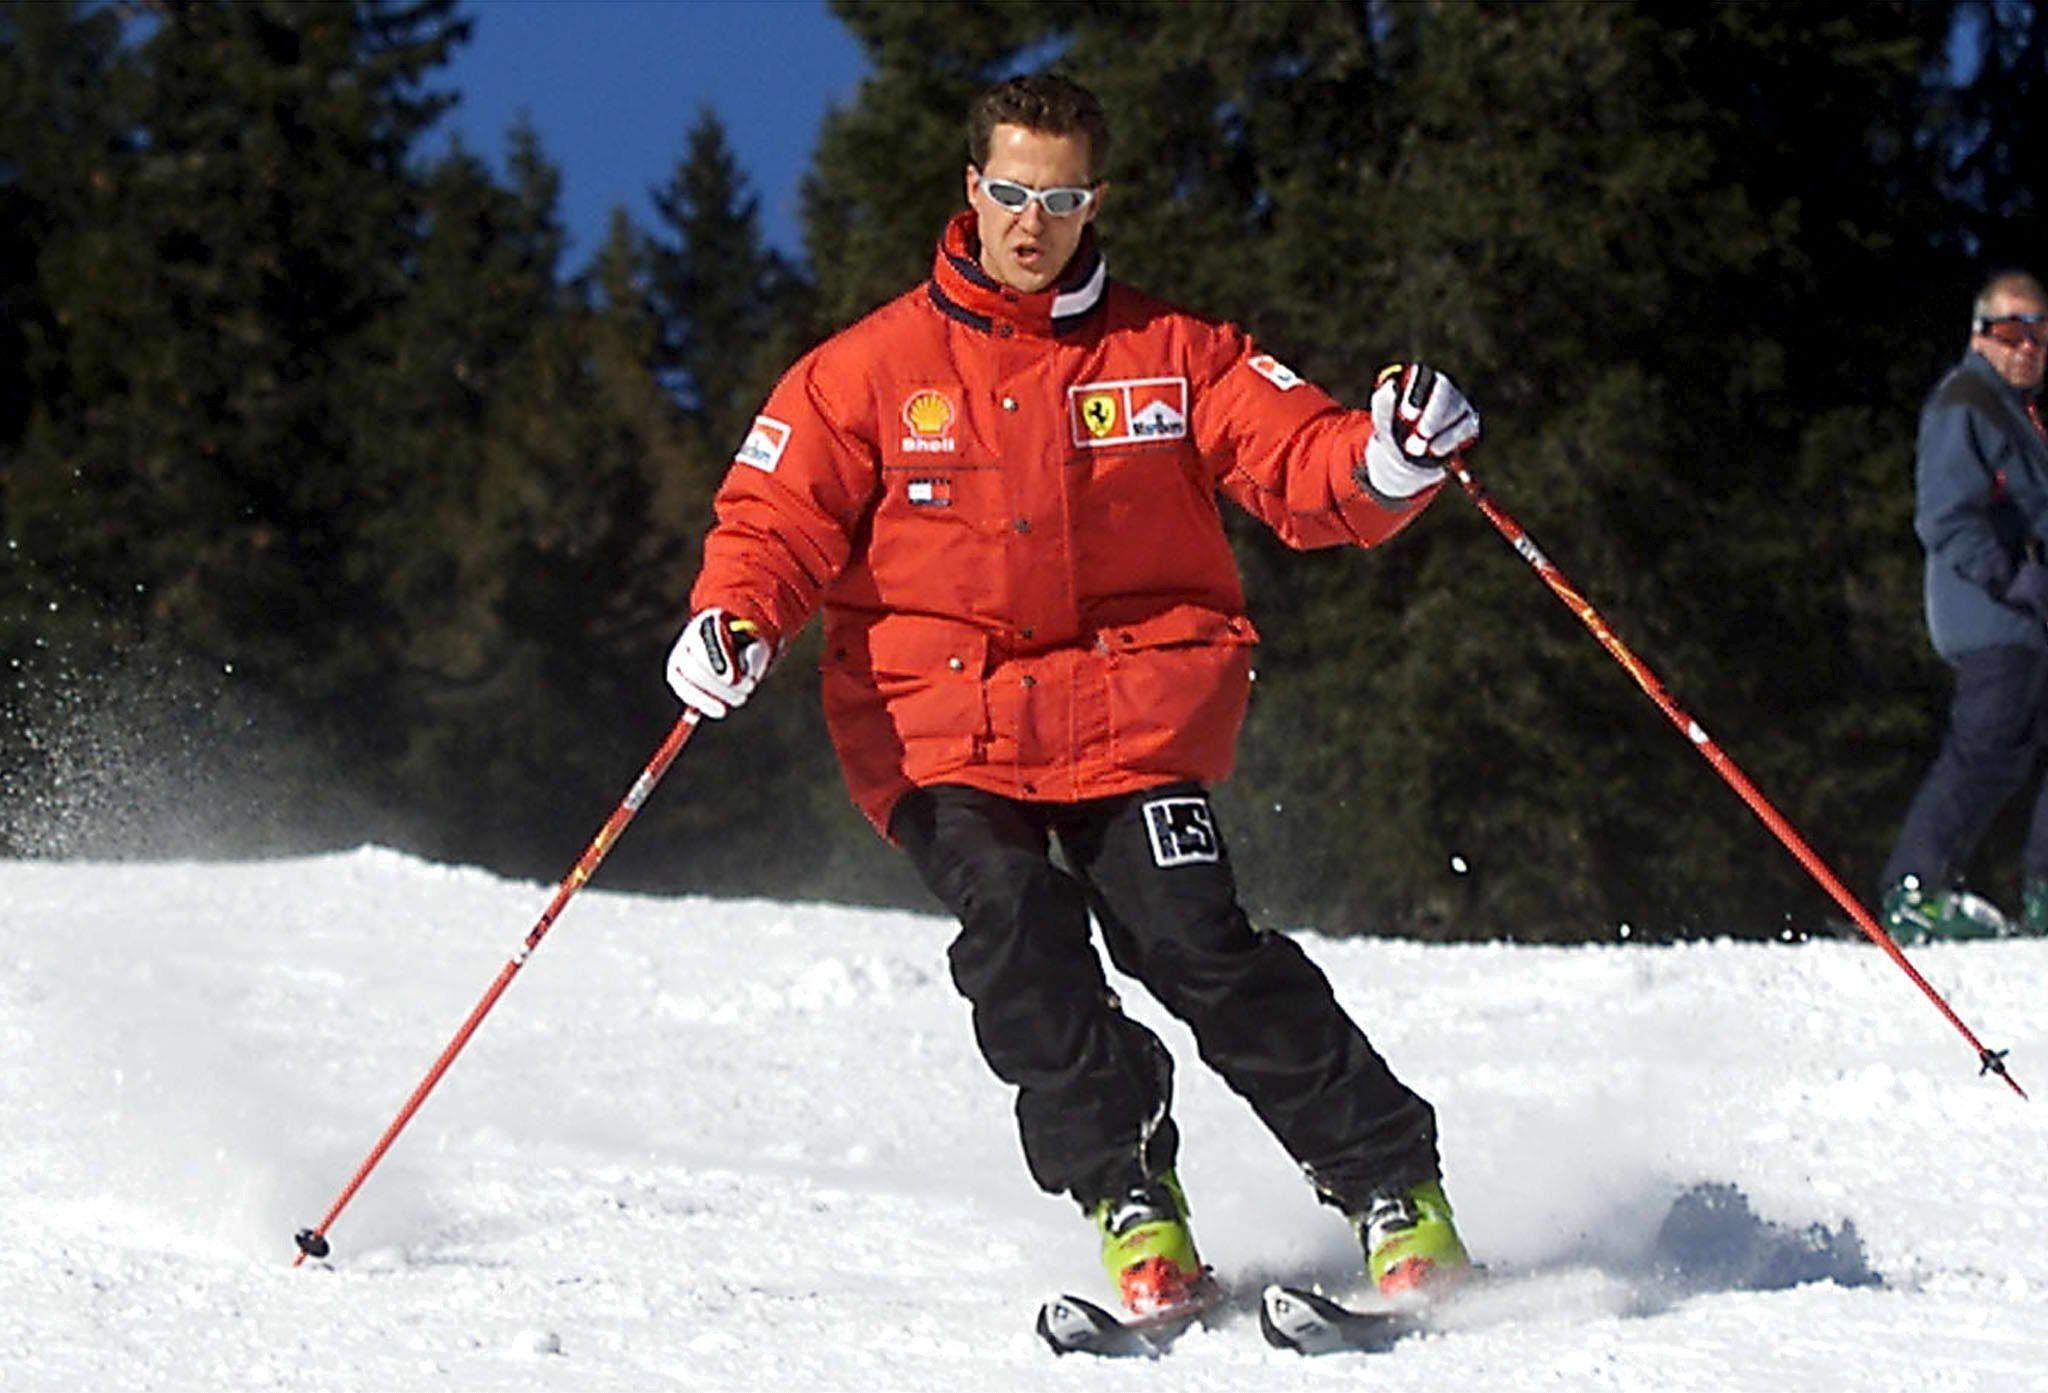 Michael Schumacher reacciona a las voces y mueve los ojos